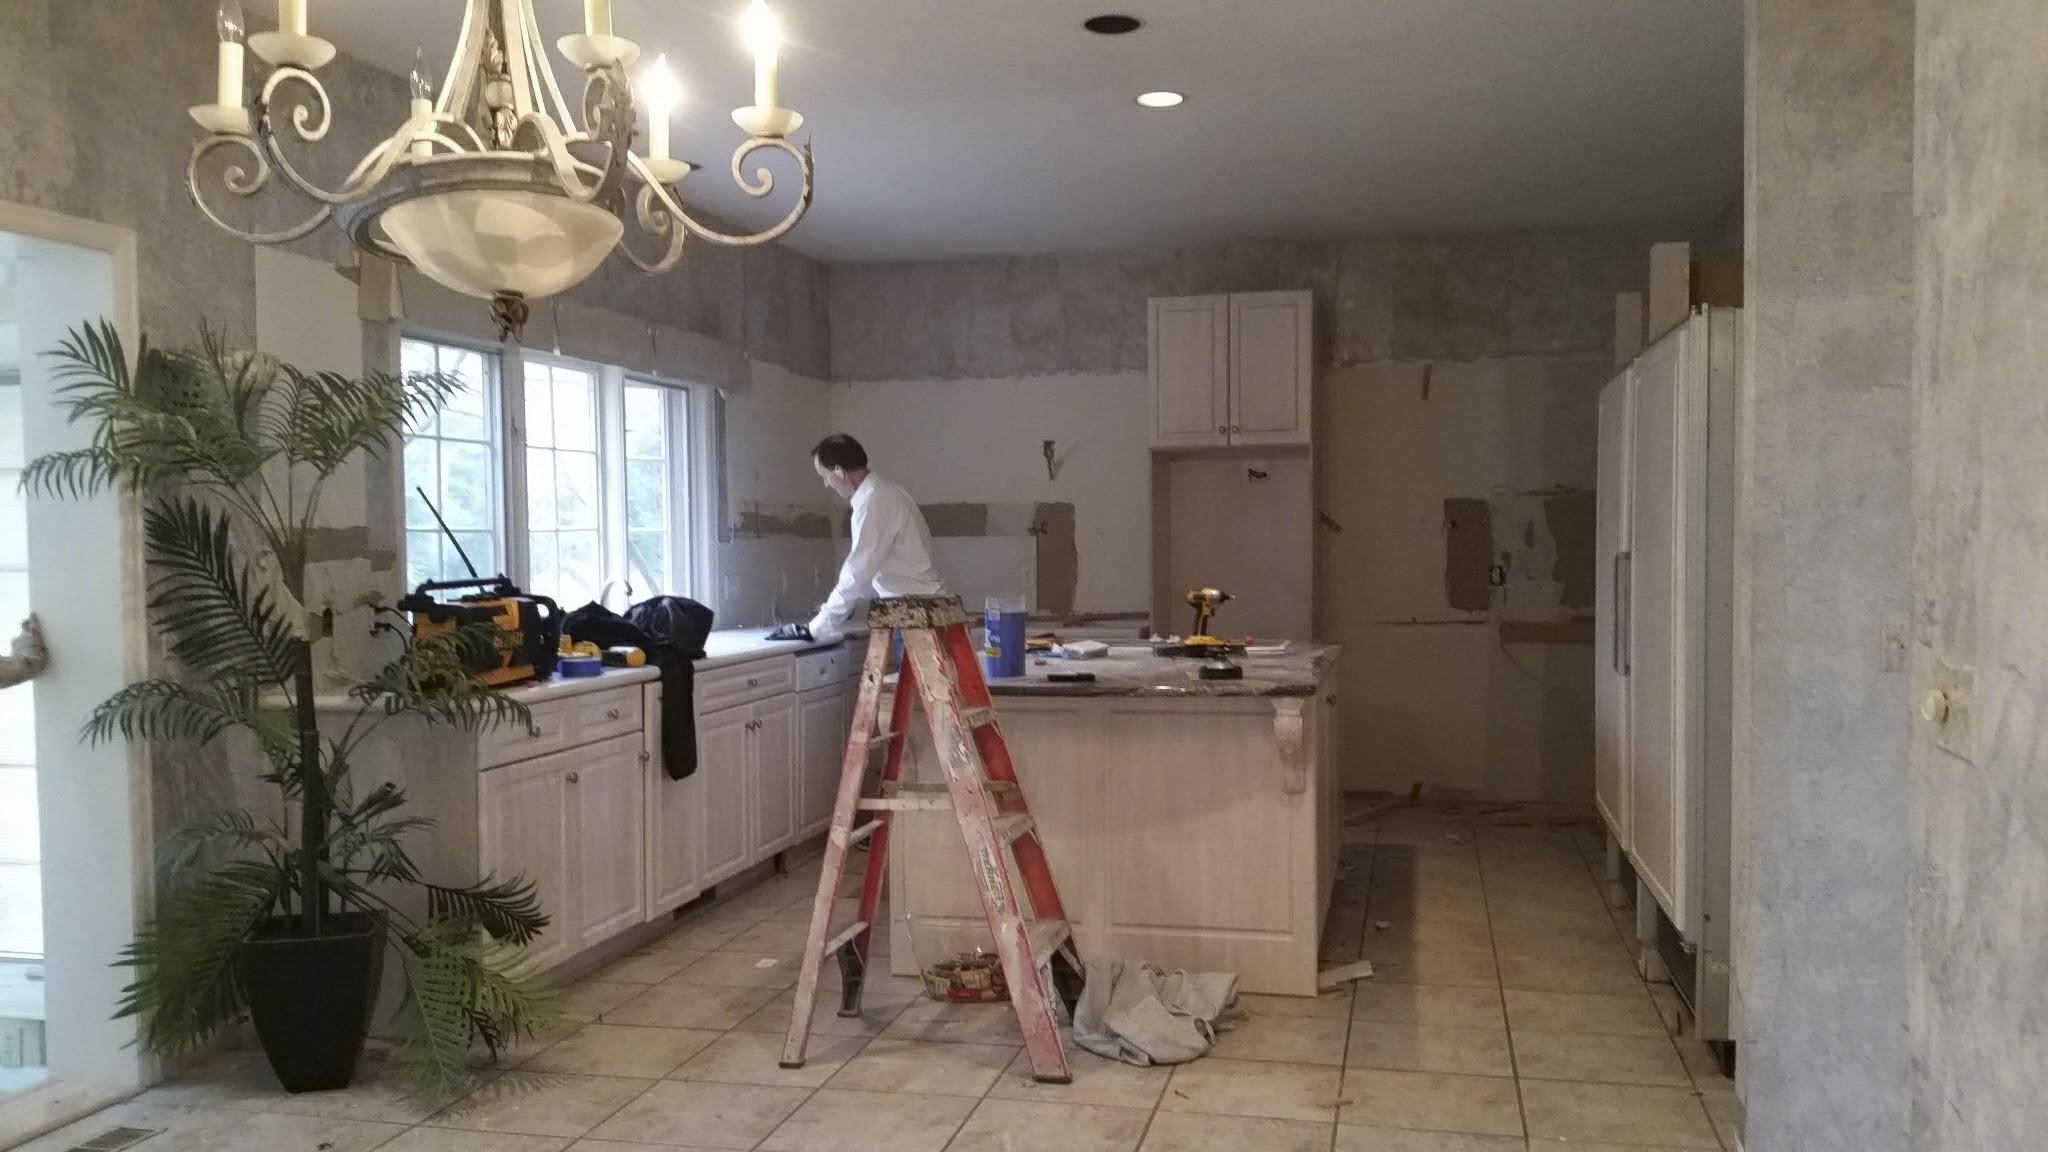 Kitchen demolition by Valle.